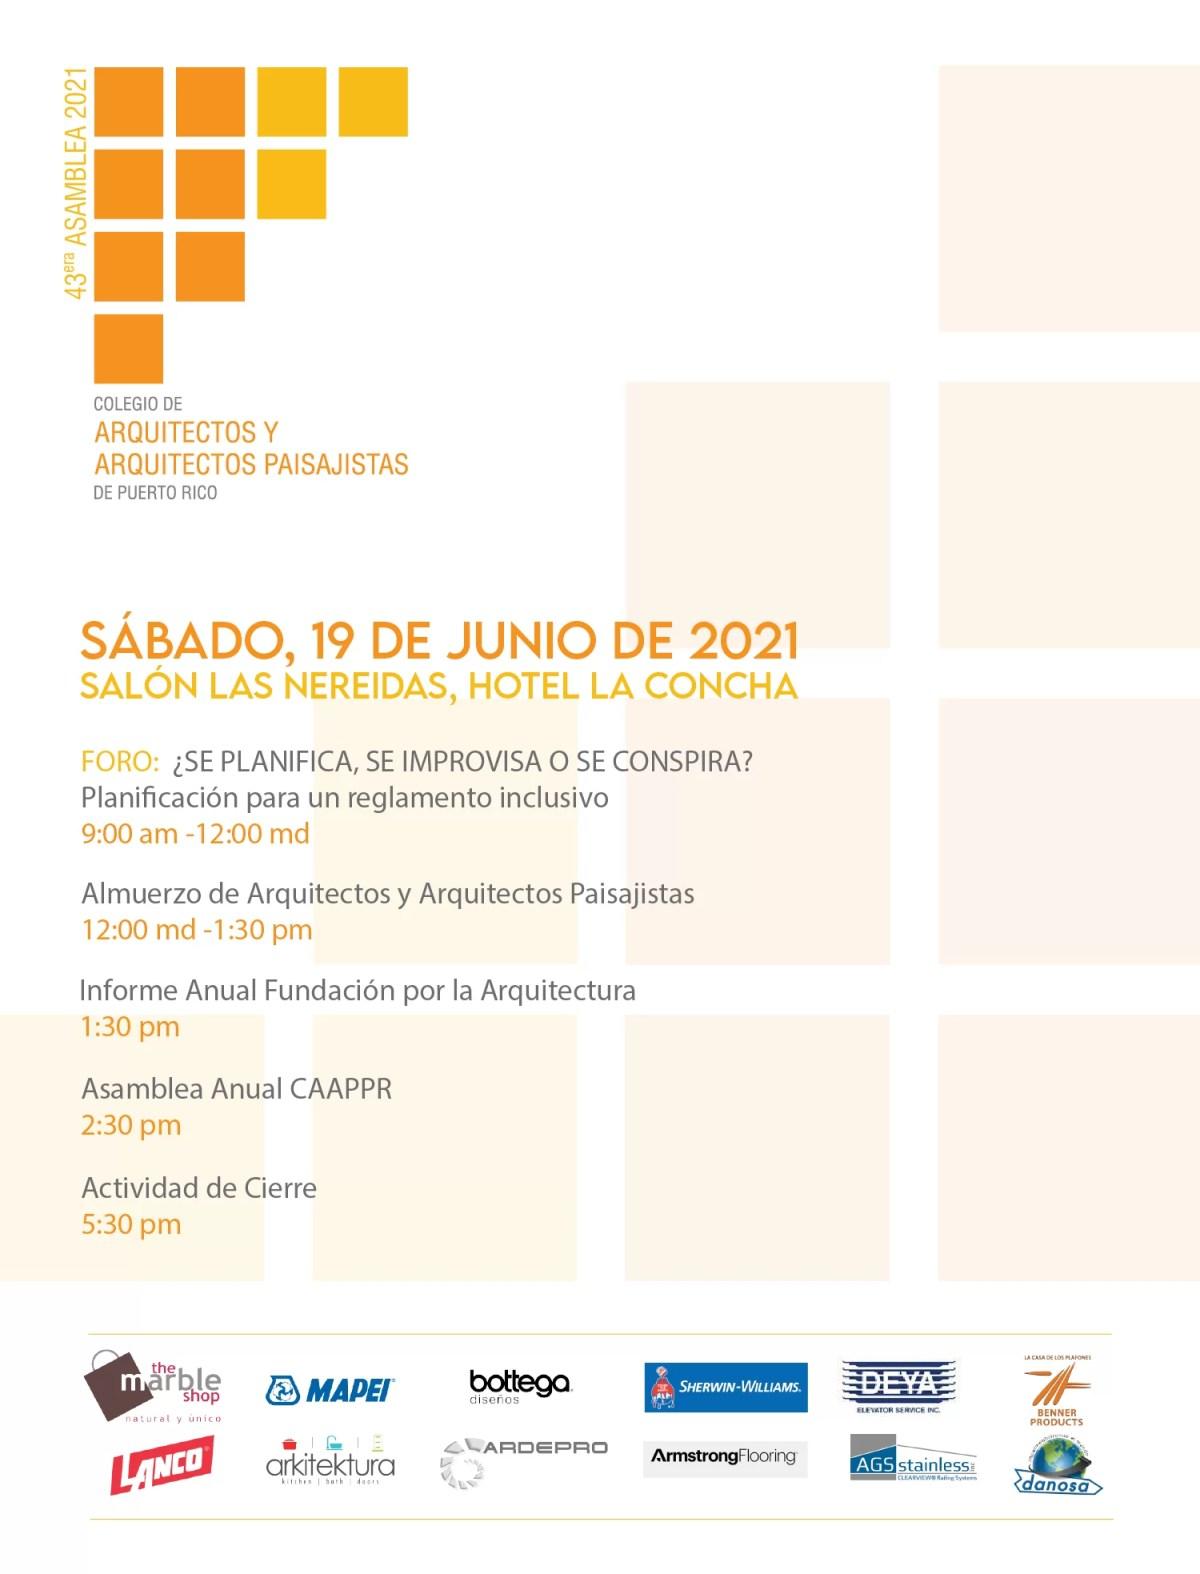 43era Asamblea Anual 2021 Colegio de Arquitectos y Arquitectos Paisajistas de Puerto Rico Sábado, 19 de junio de 2021 Salón Las Nereidas, Hotel La Concha